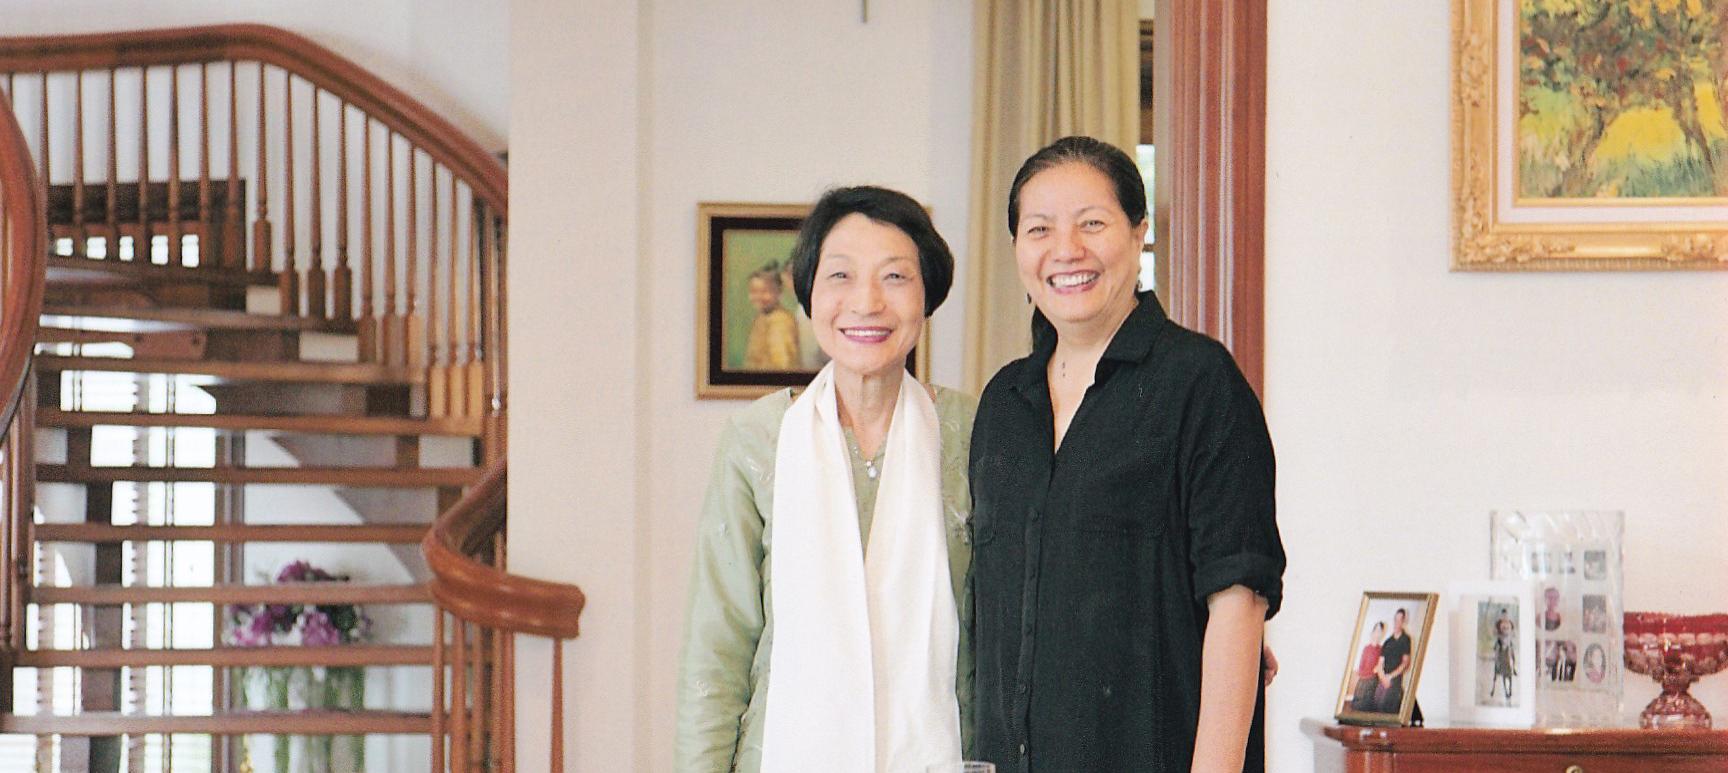 ドクター・オマモエミン(Dr. Ohmar Moe Mint)女史とビルマ応援の会代表宮下夏生